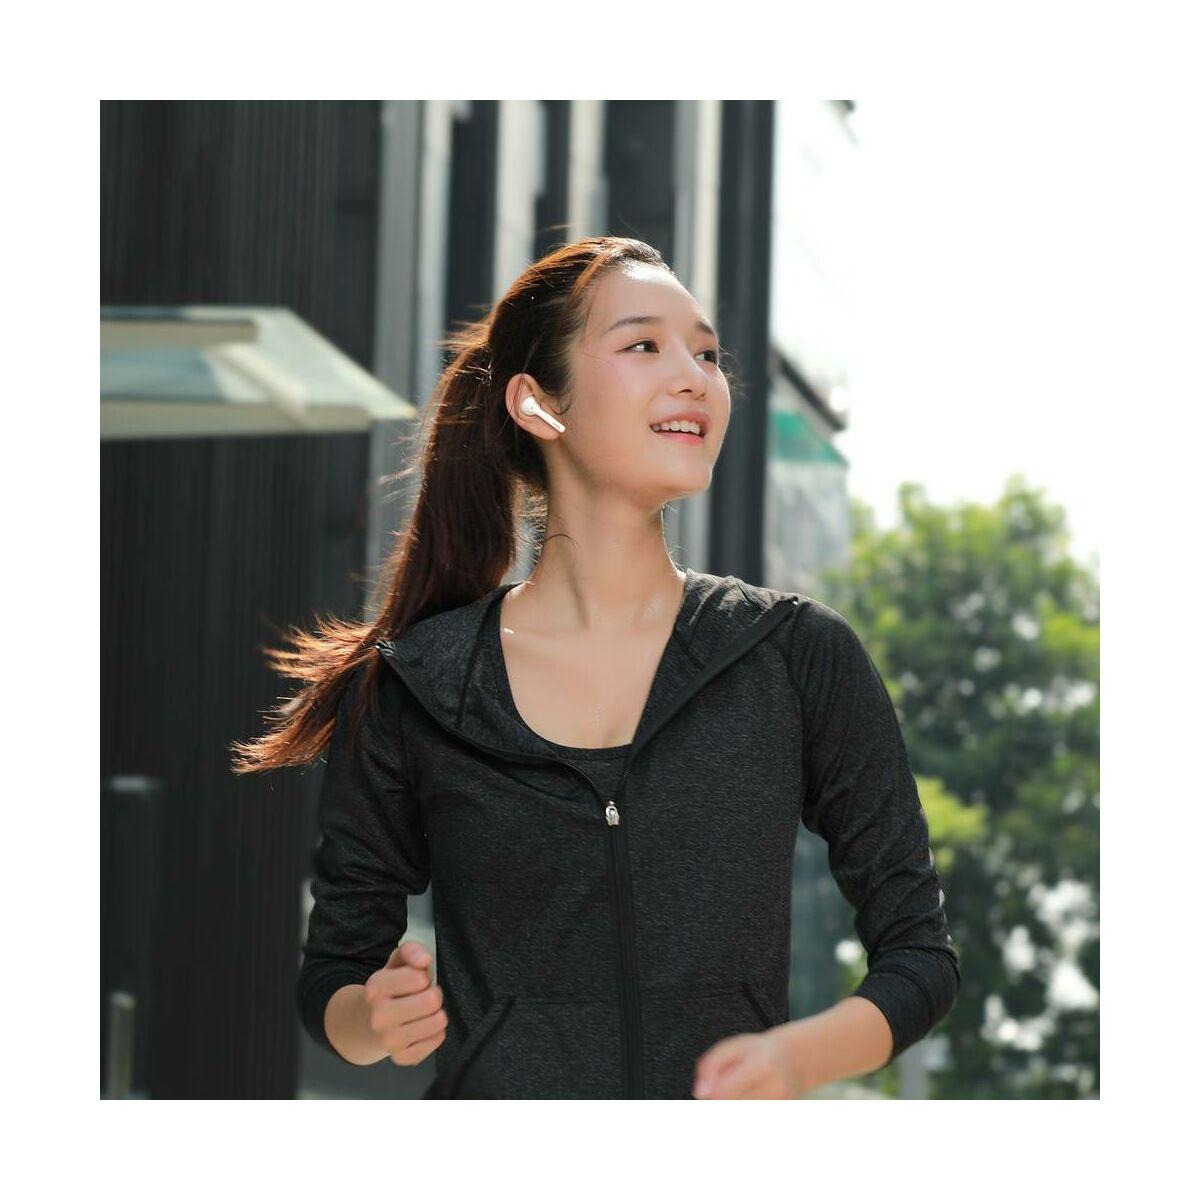 Baseus fülhallgató, Bluetooth Encok W07 True Wireless, vezeték nélküli, dual mikrofon BT 5.0 TWS fehér (NGW07-02)